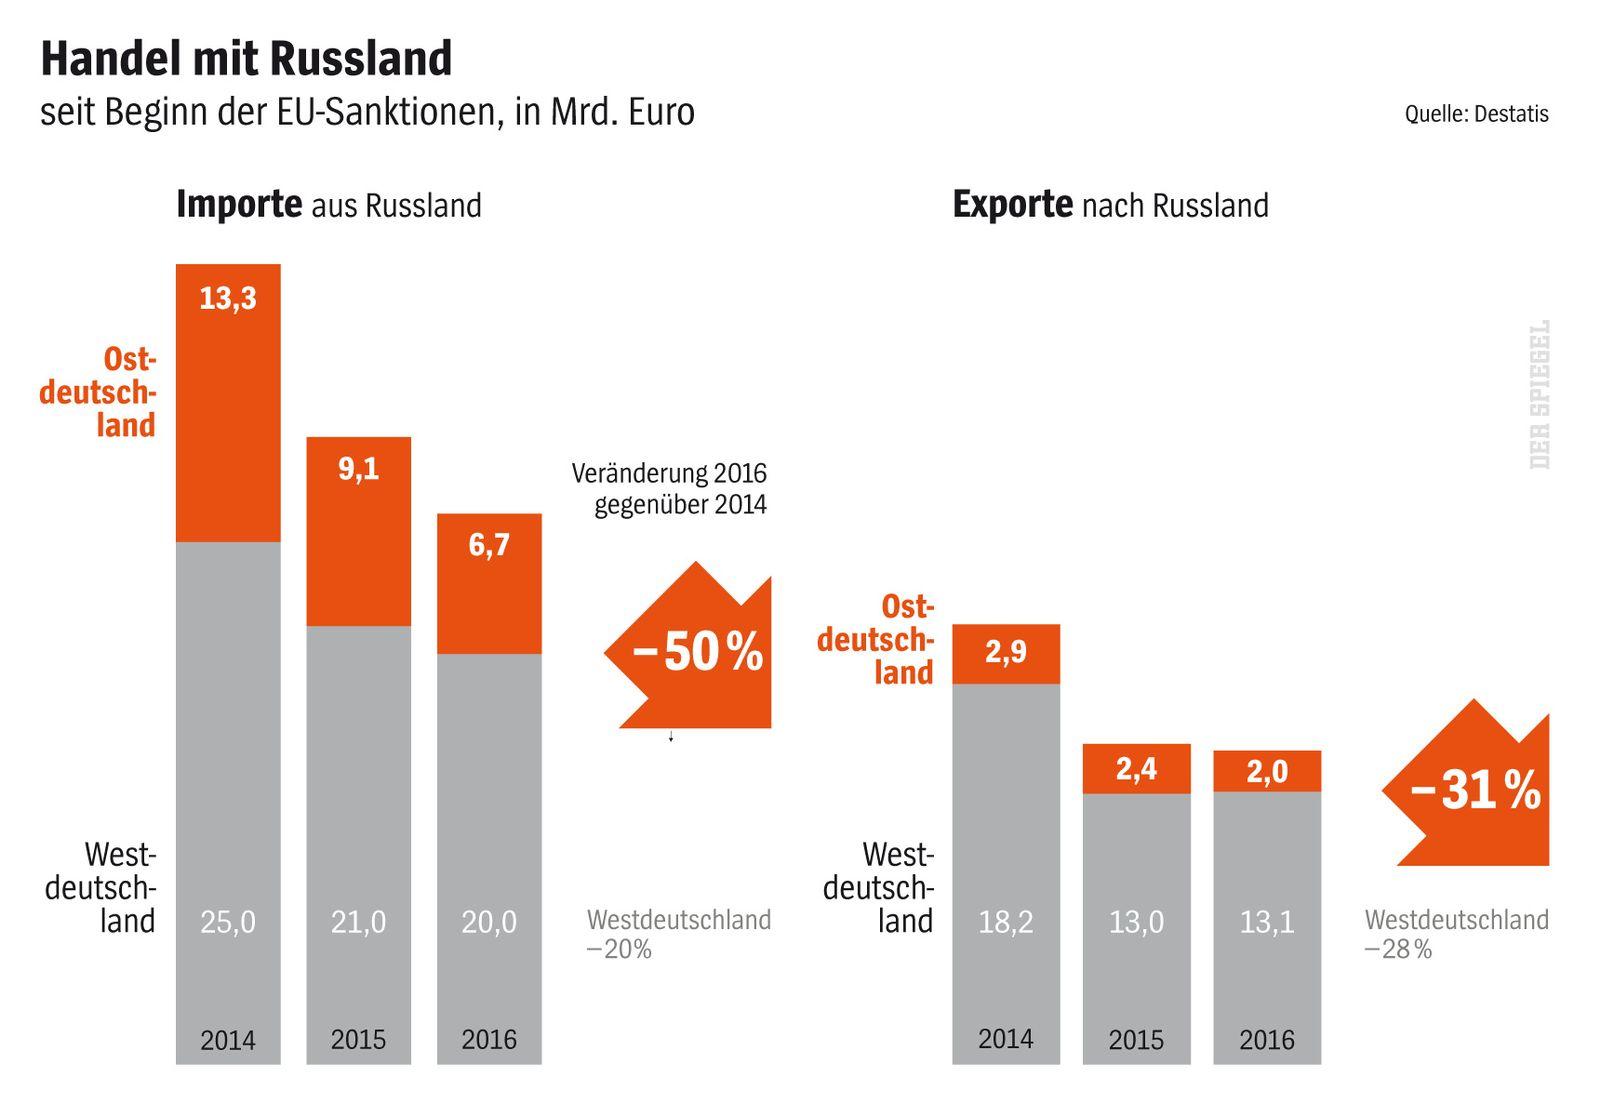 EINMALIGE VERWENDUNG SPIEGEL Plus SPIEGEL 5/2018 S.24 Russland-Freunde